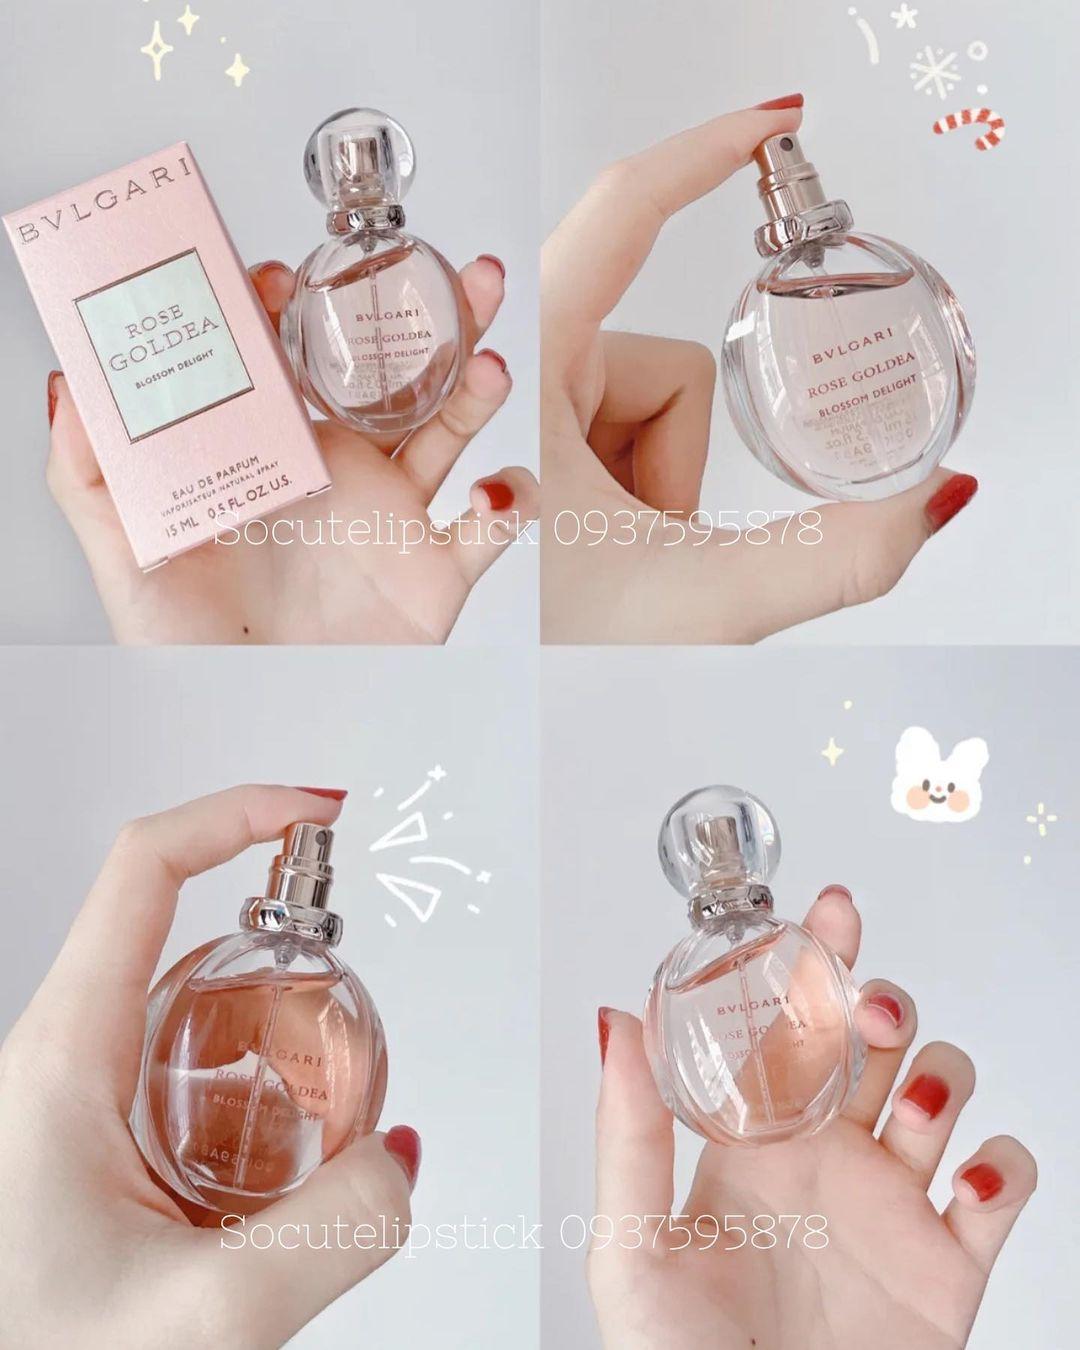 Sắm nước hoa mini size cho tiết kiệm đi chị em: Mùi nào cũng thơm nức mà giá siêu bèo - Ảnh 7.